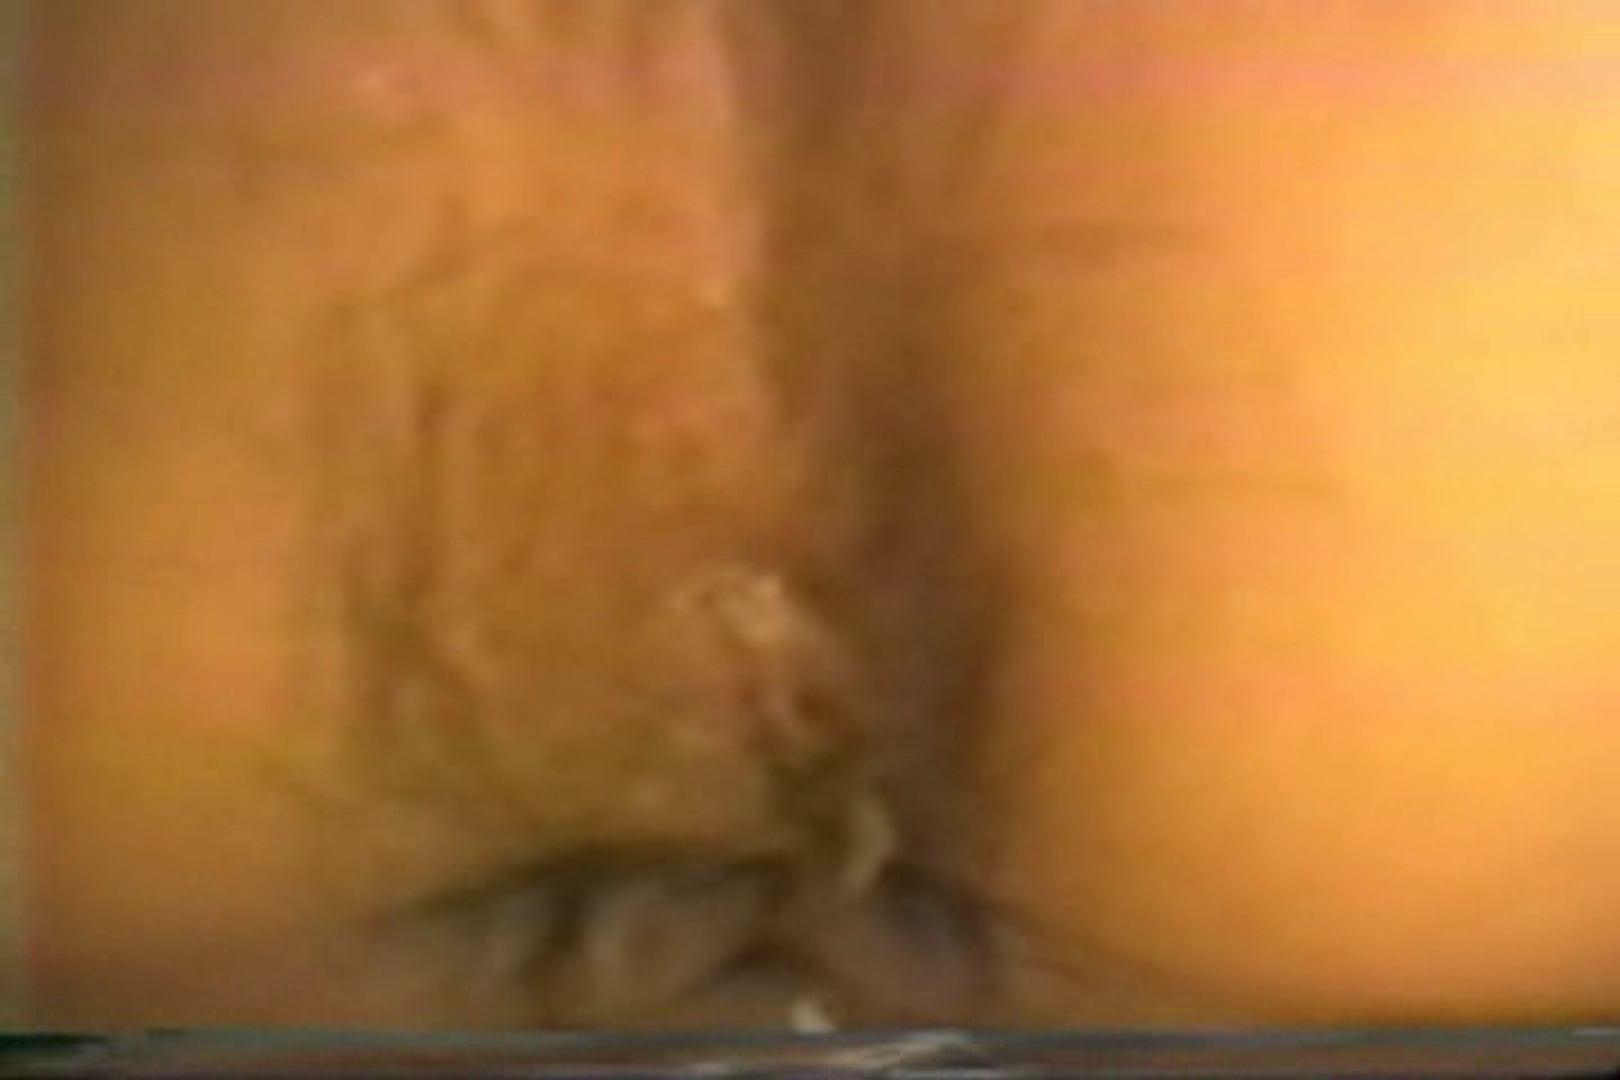 洋式洗面所オリジナルVol.2 女性の肛門 | おまんこ無修正  64画像 1